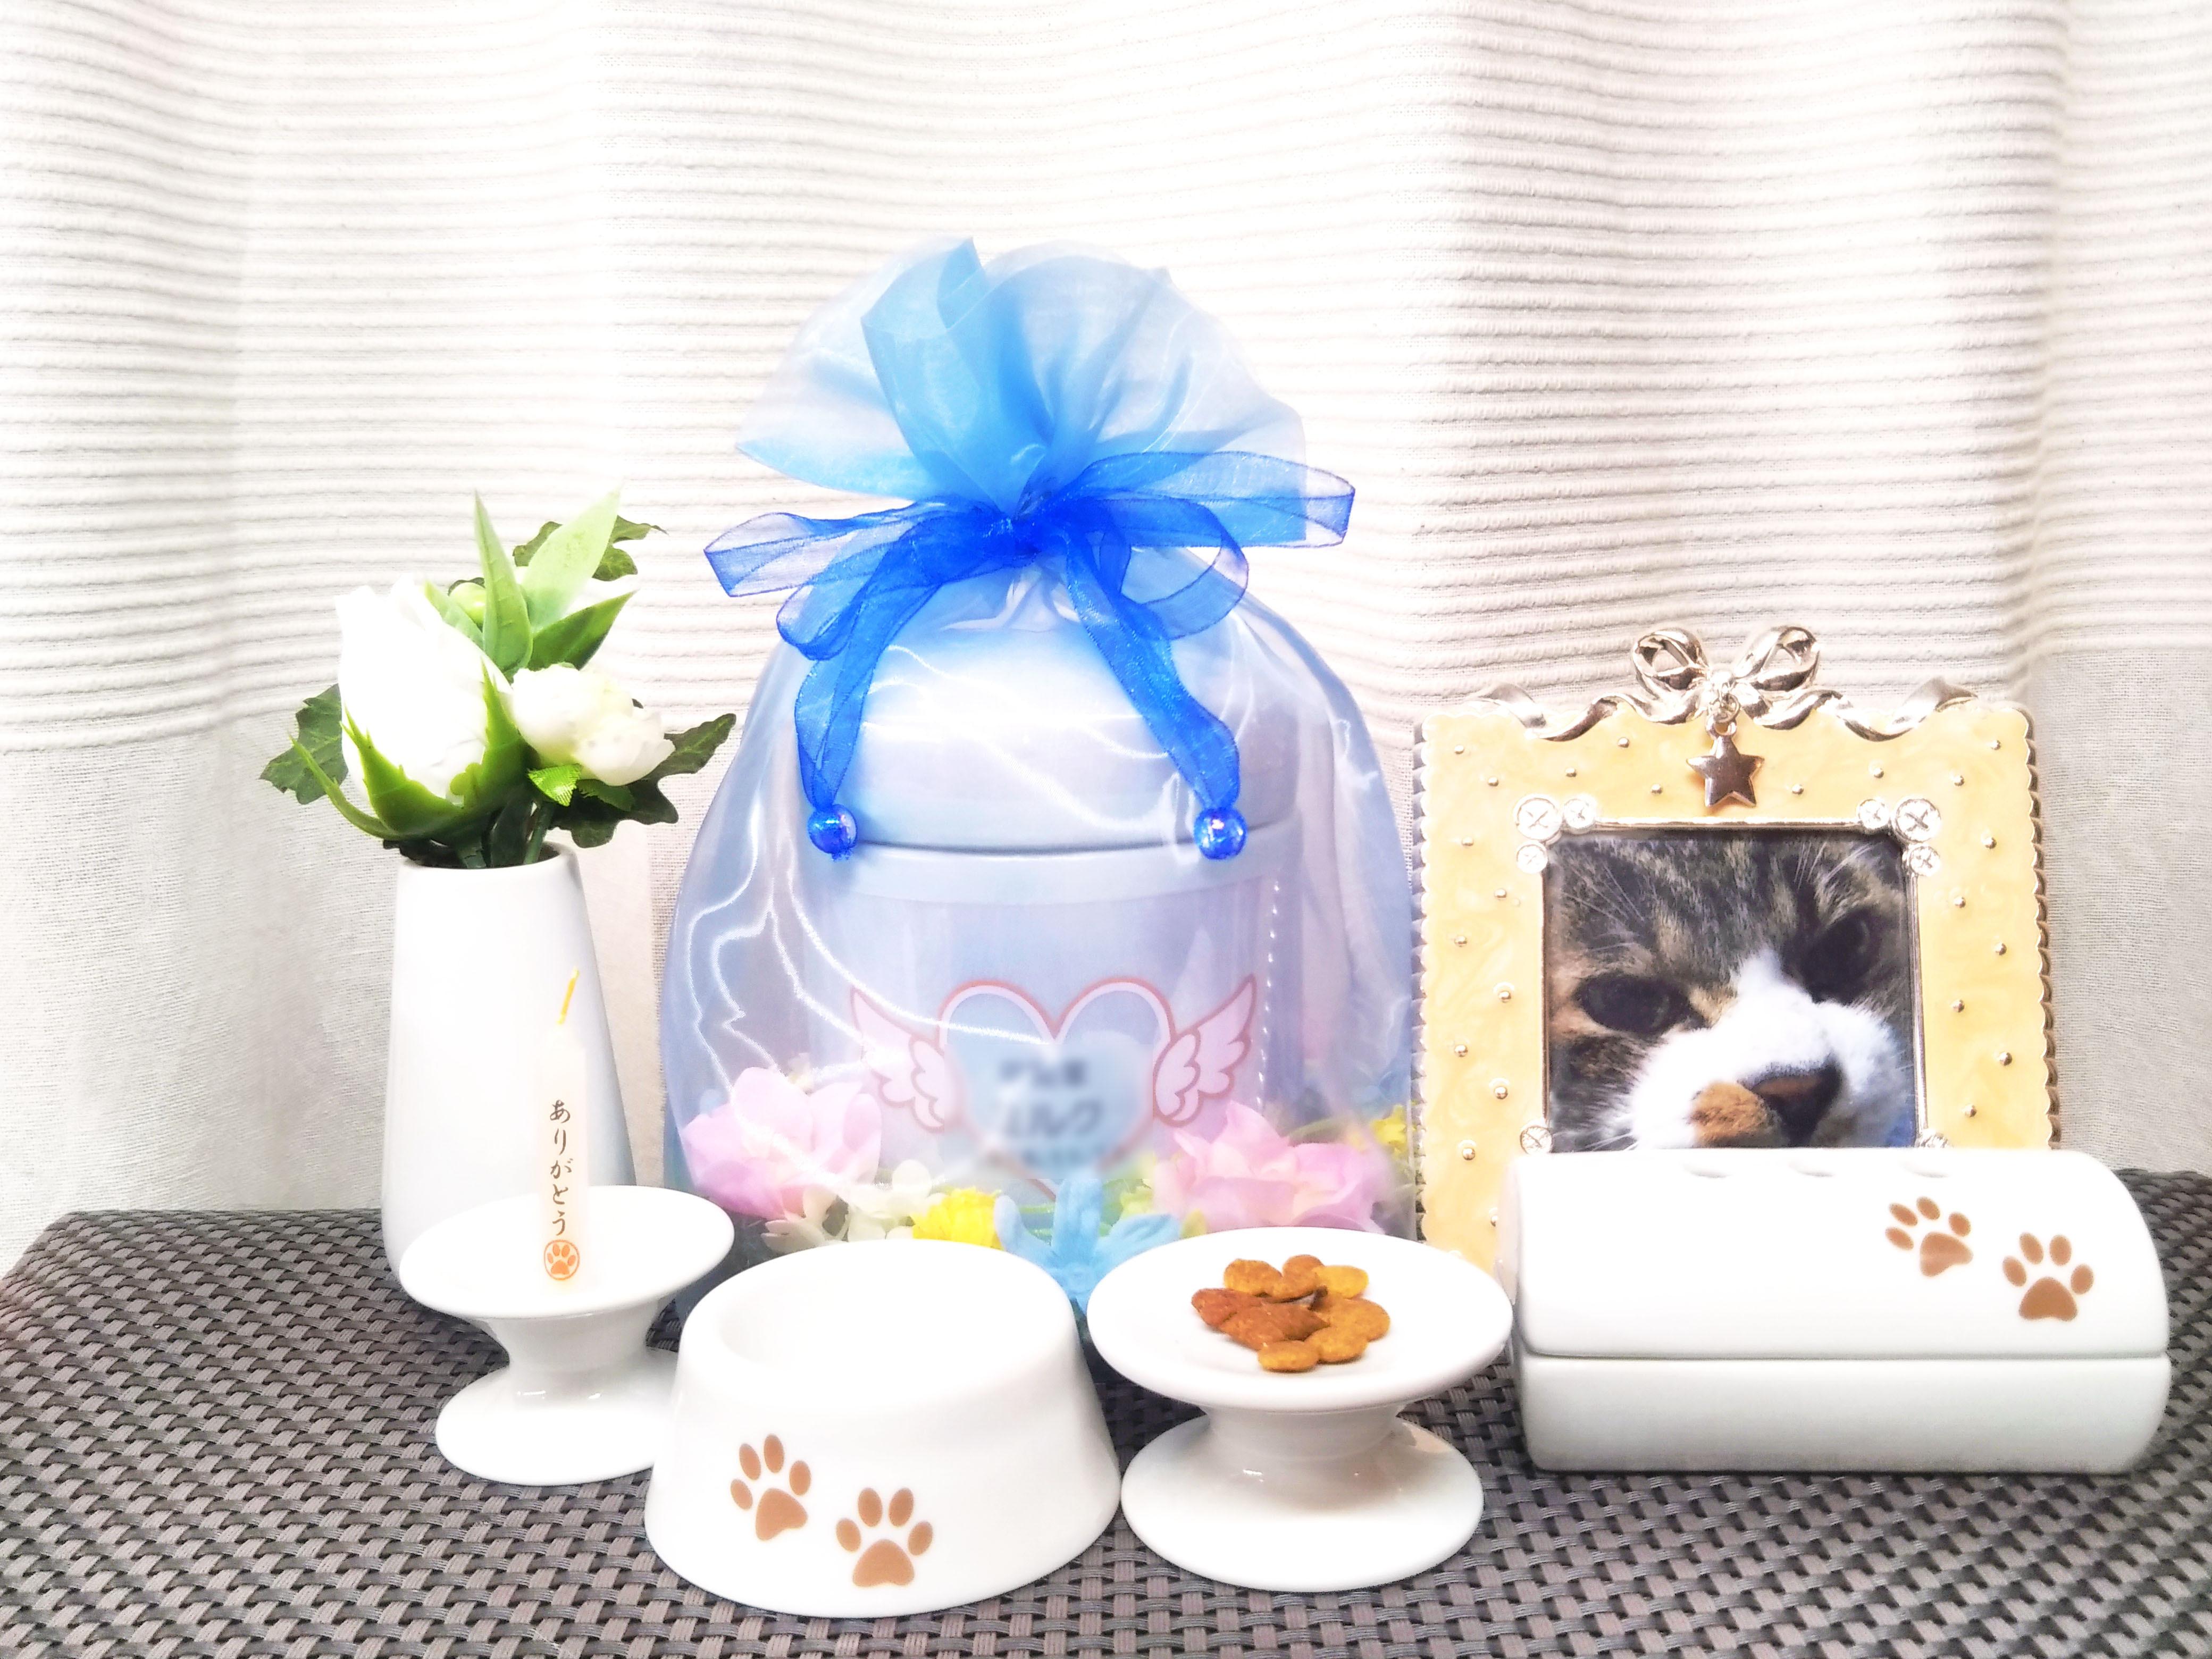 7月 マンスリーグッズスペシャル! フラワーオーガンジー(外カバーのみ)【選べる6色】小型犬・猫サイズ 3・3.5・4寸用